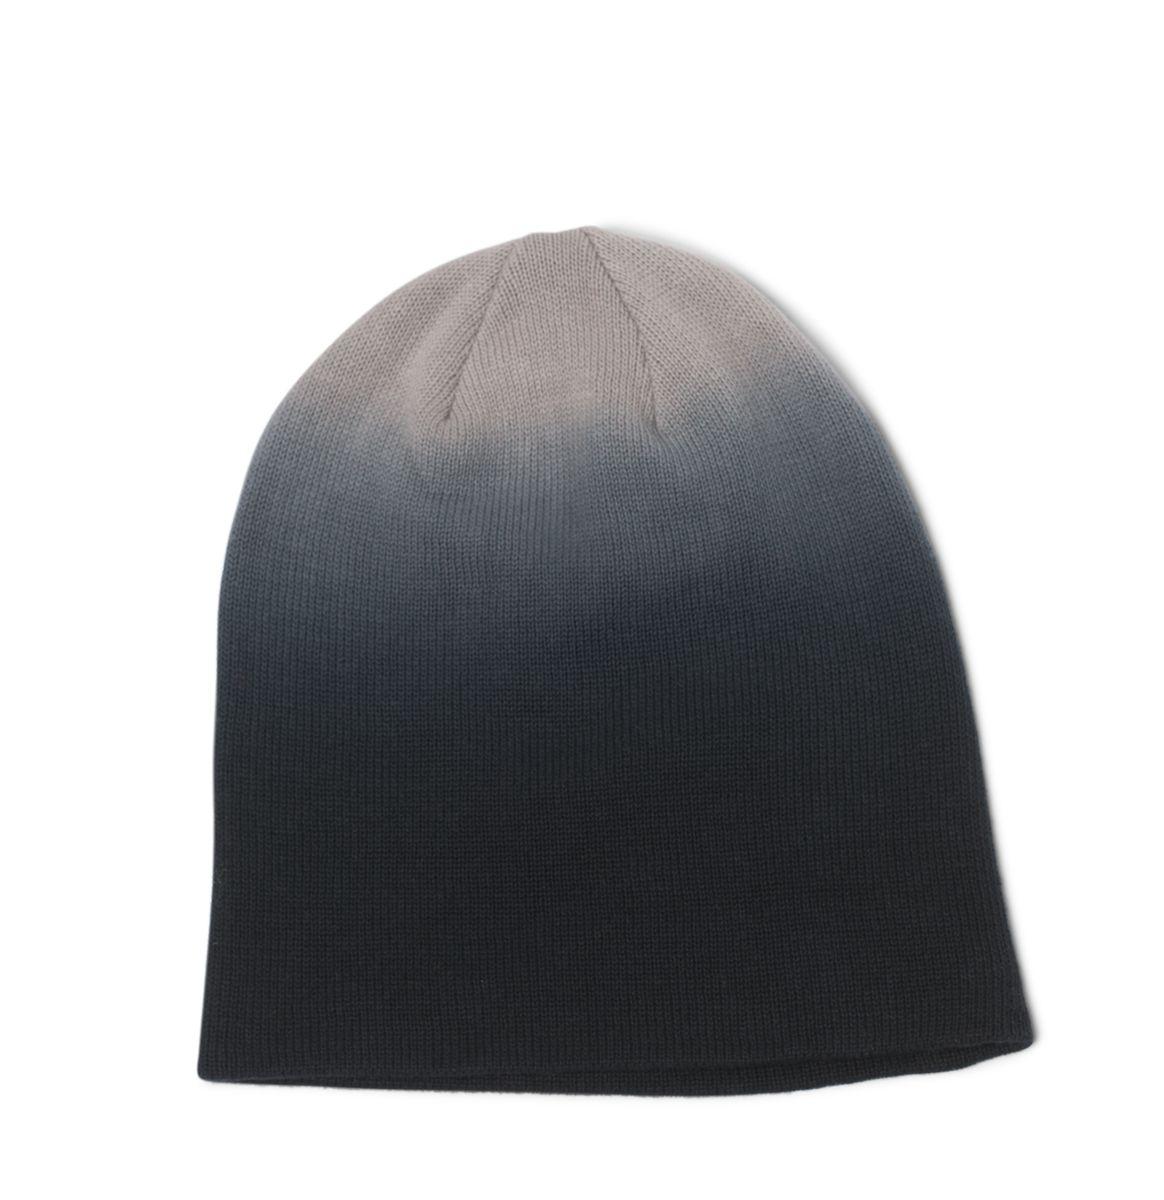 DIP DYE KNIT CAP